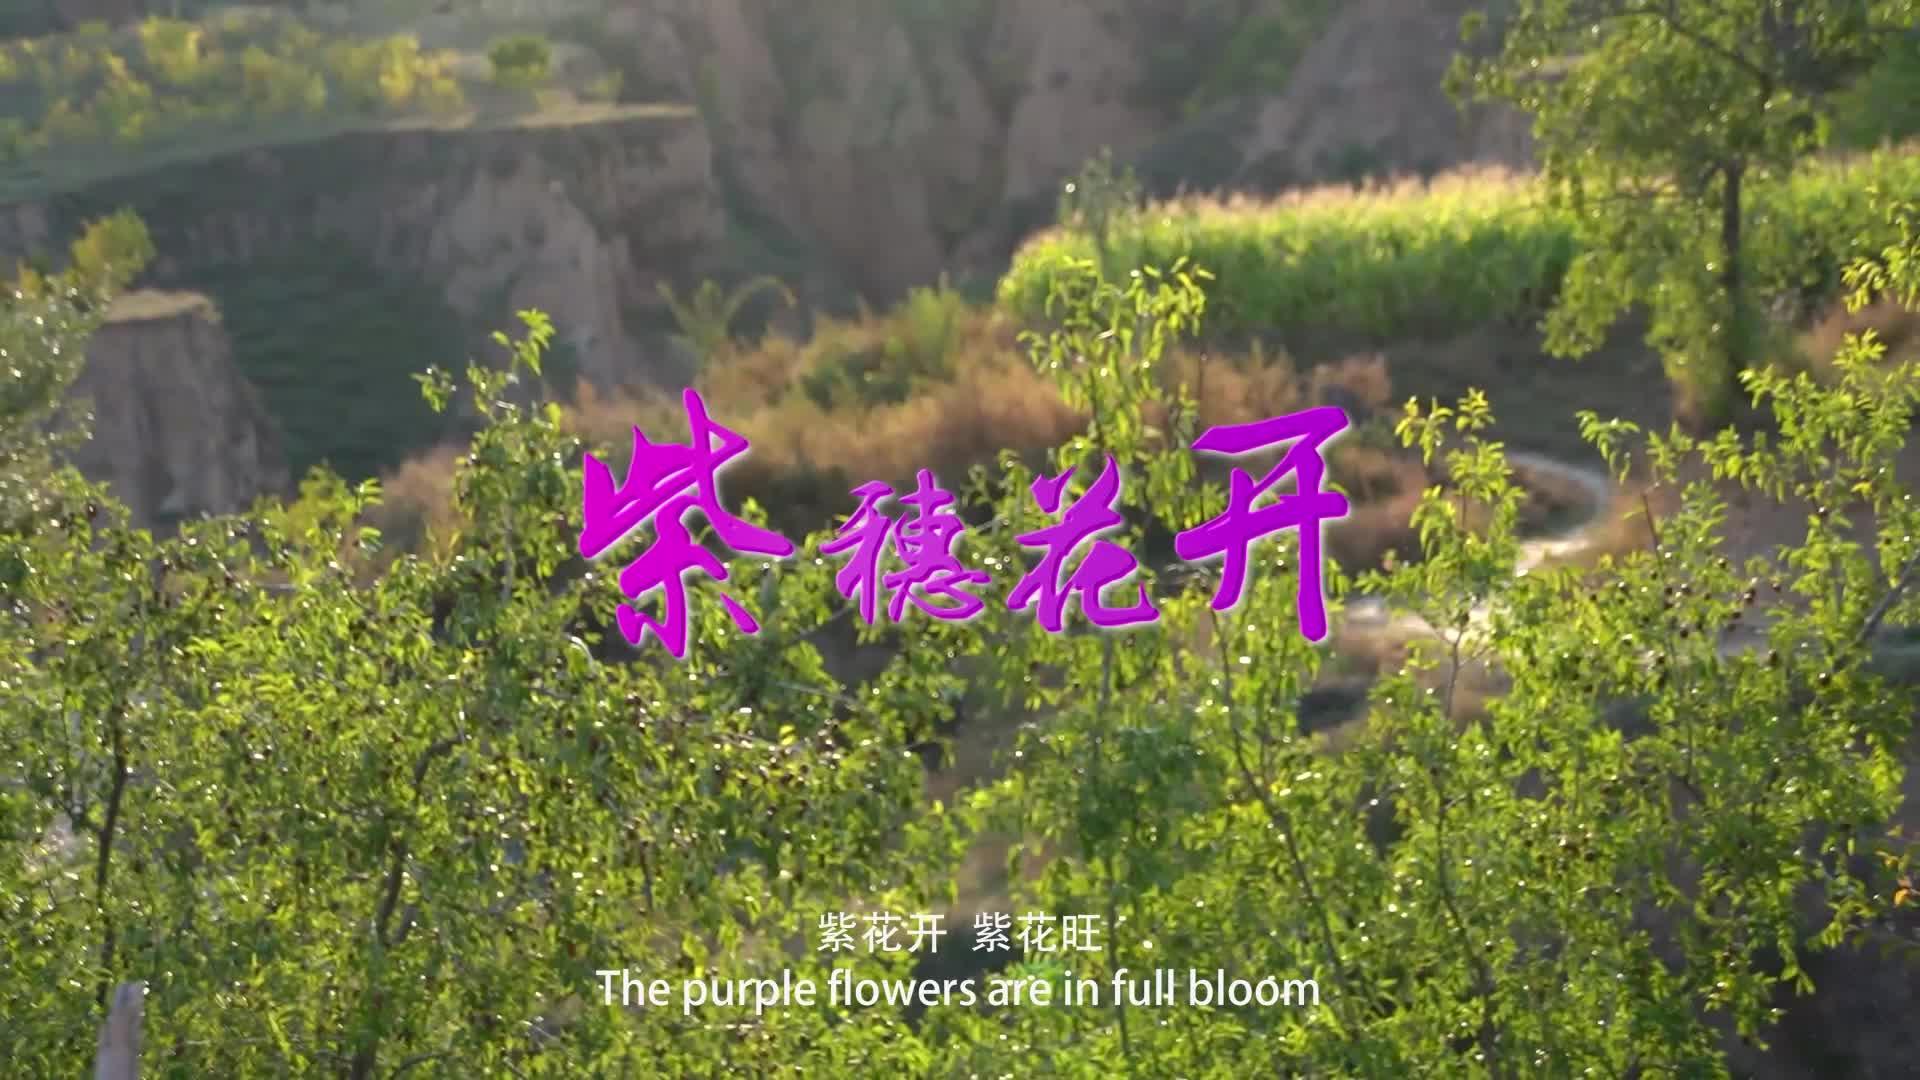 微电影:《紫穗花开》